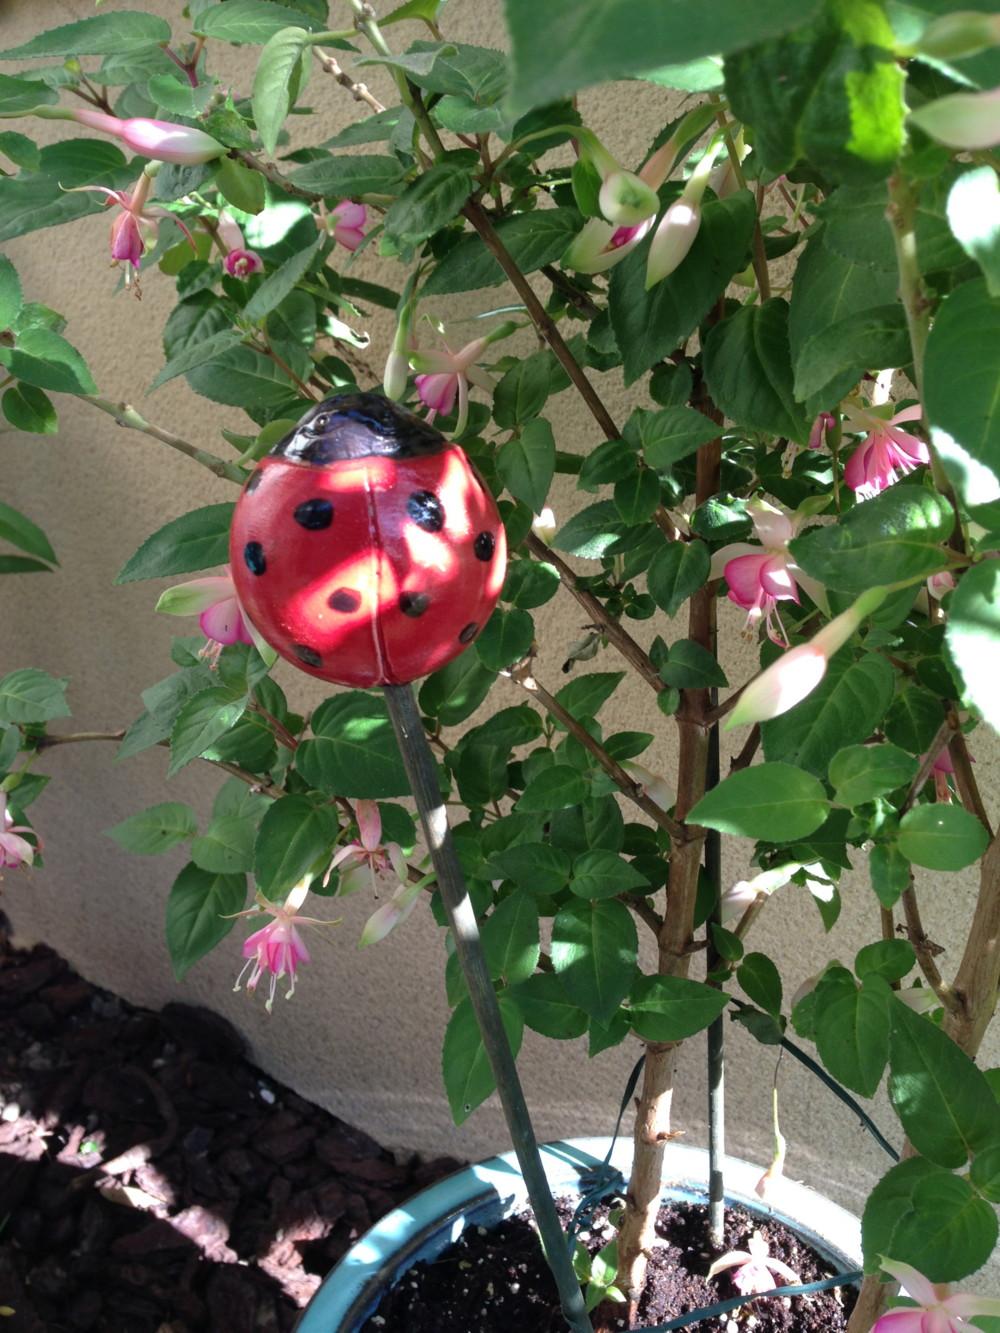 Les petites b tes tortue et coccinelle en gr s pour for Coccinelle decoration exterieure